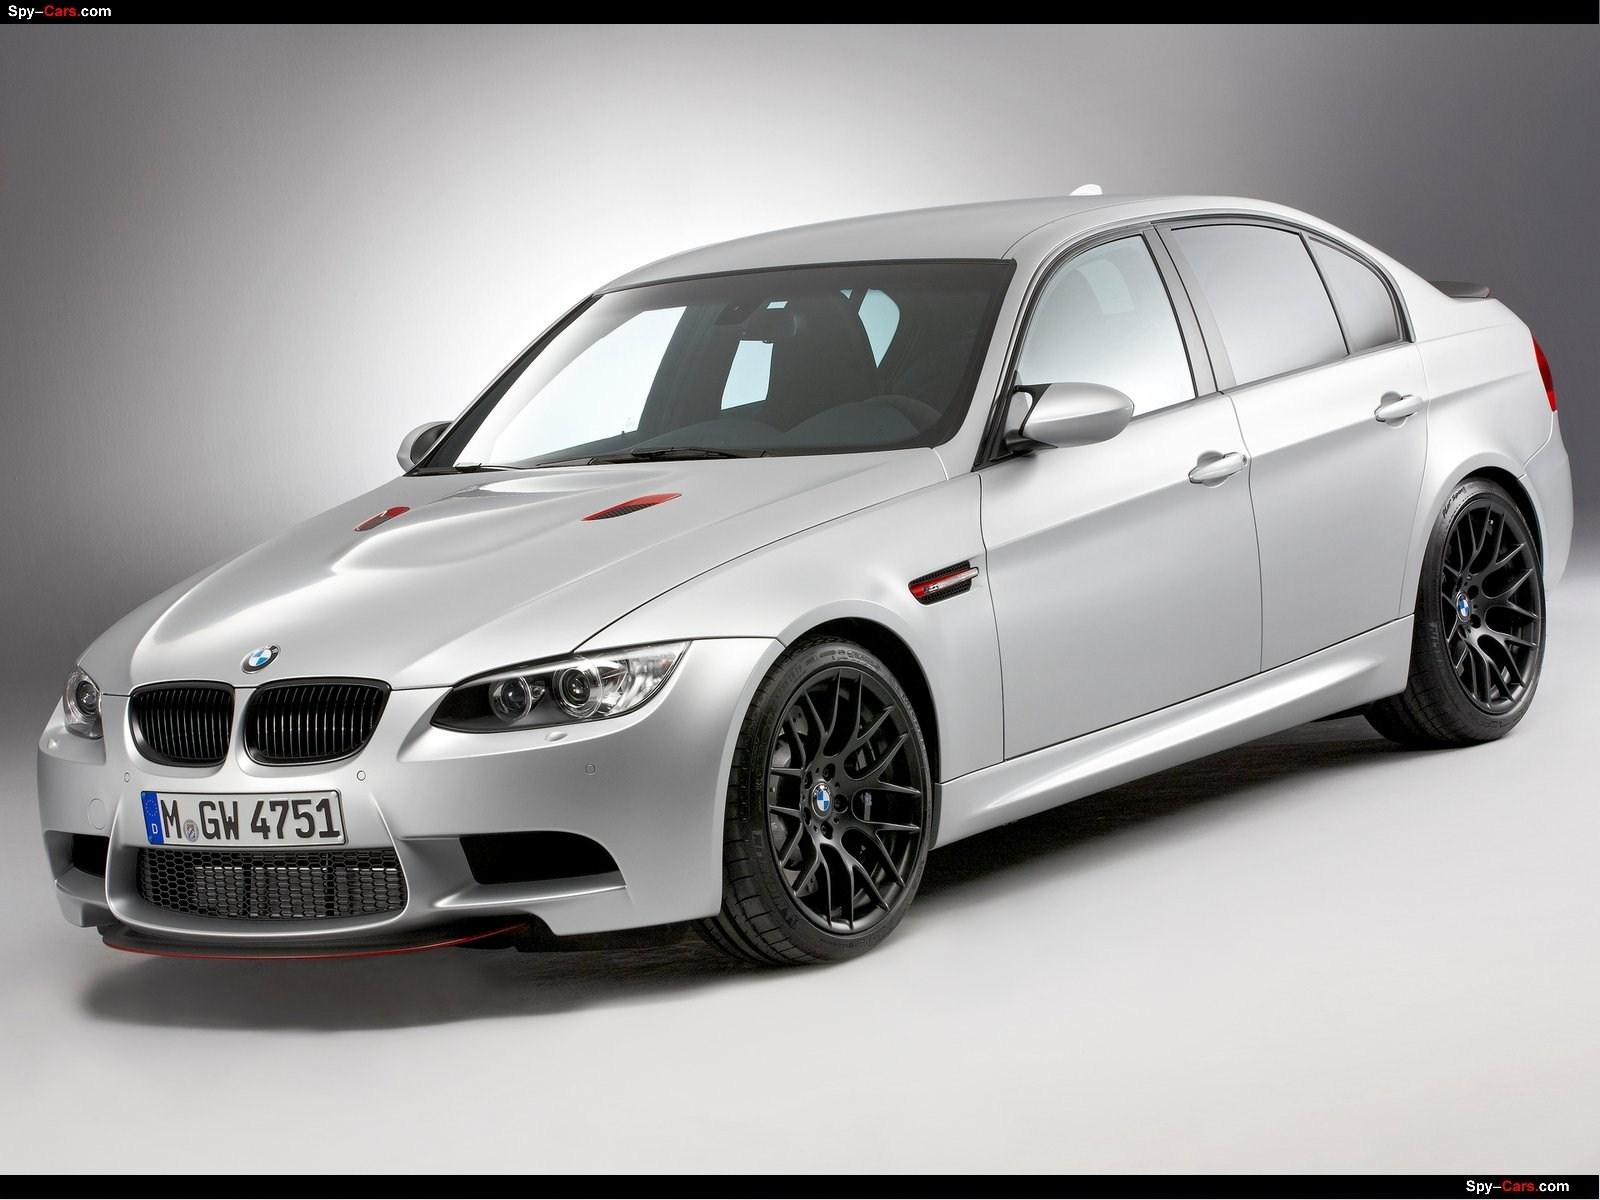 http://2.bp.blogspot.com/-ceJ7us8SI7s/Tgm_POP6IhI/AAAAAAACOQs/IiEspZ9vOt4/s1600/BMW-M3_CRT_2012_1600x1200_004.jpg